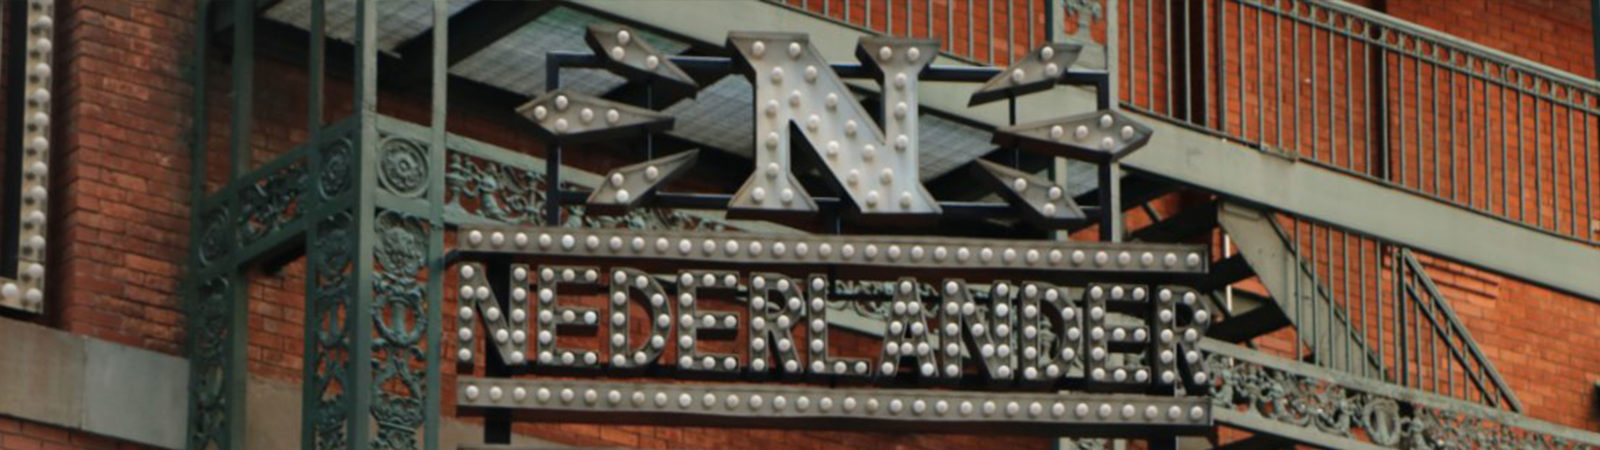 Nederlander Theatre